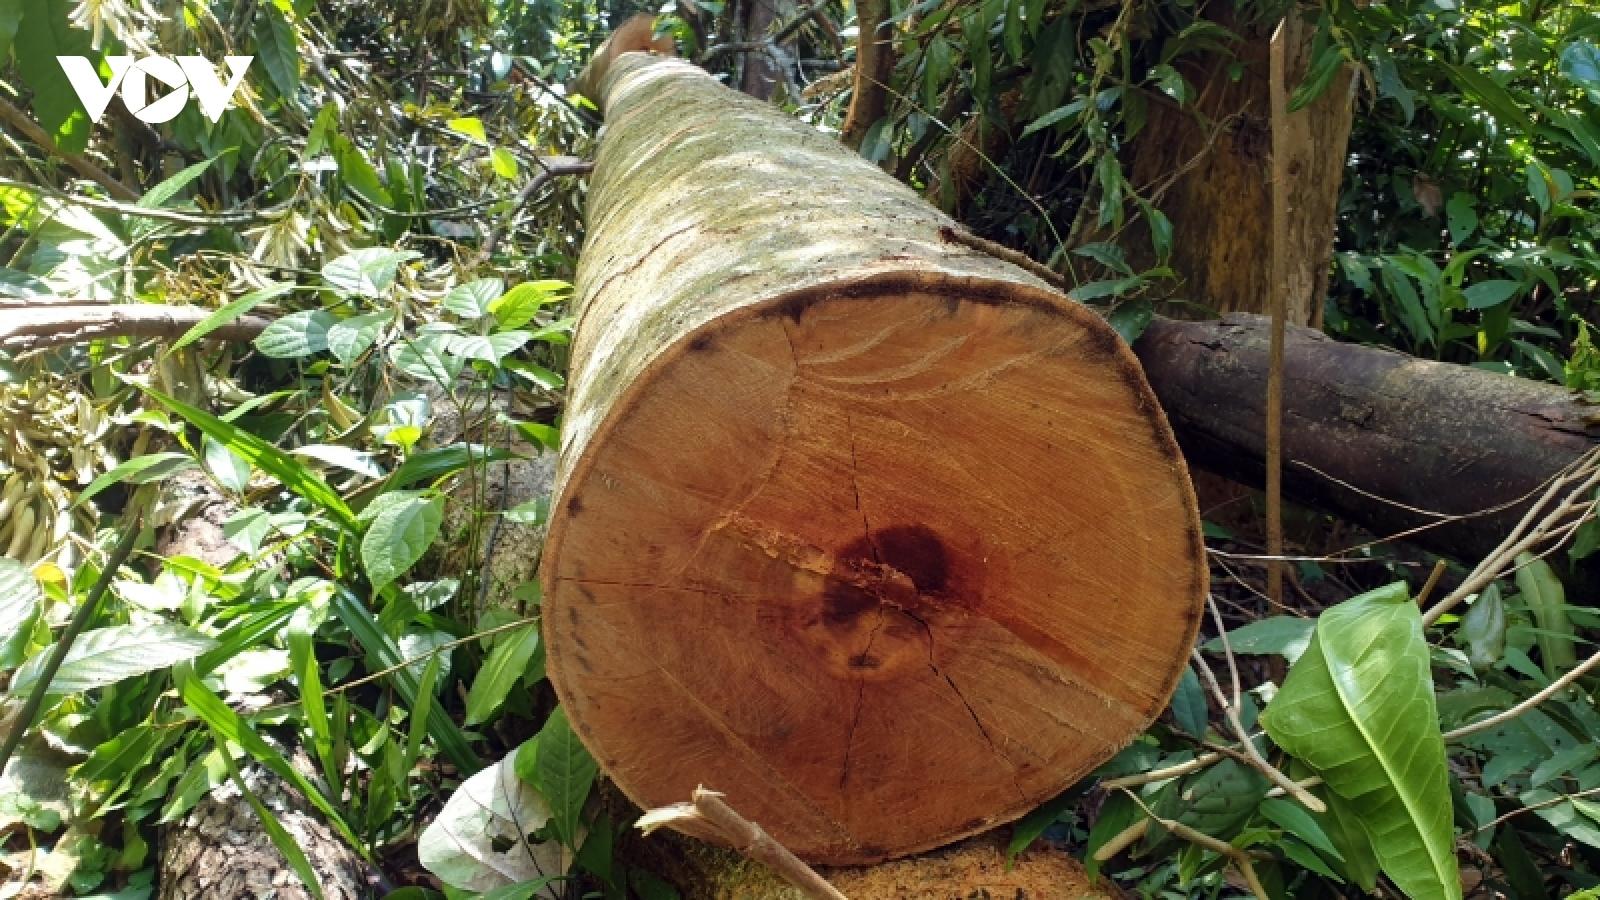 Lãnh đạo tỉnh Quảng Nam: Vụ phá rừng phòng hộ ở xã Trà Bui là rất đau xót